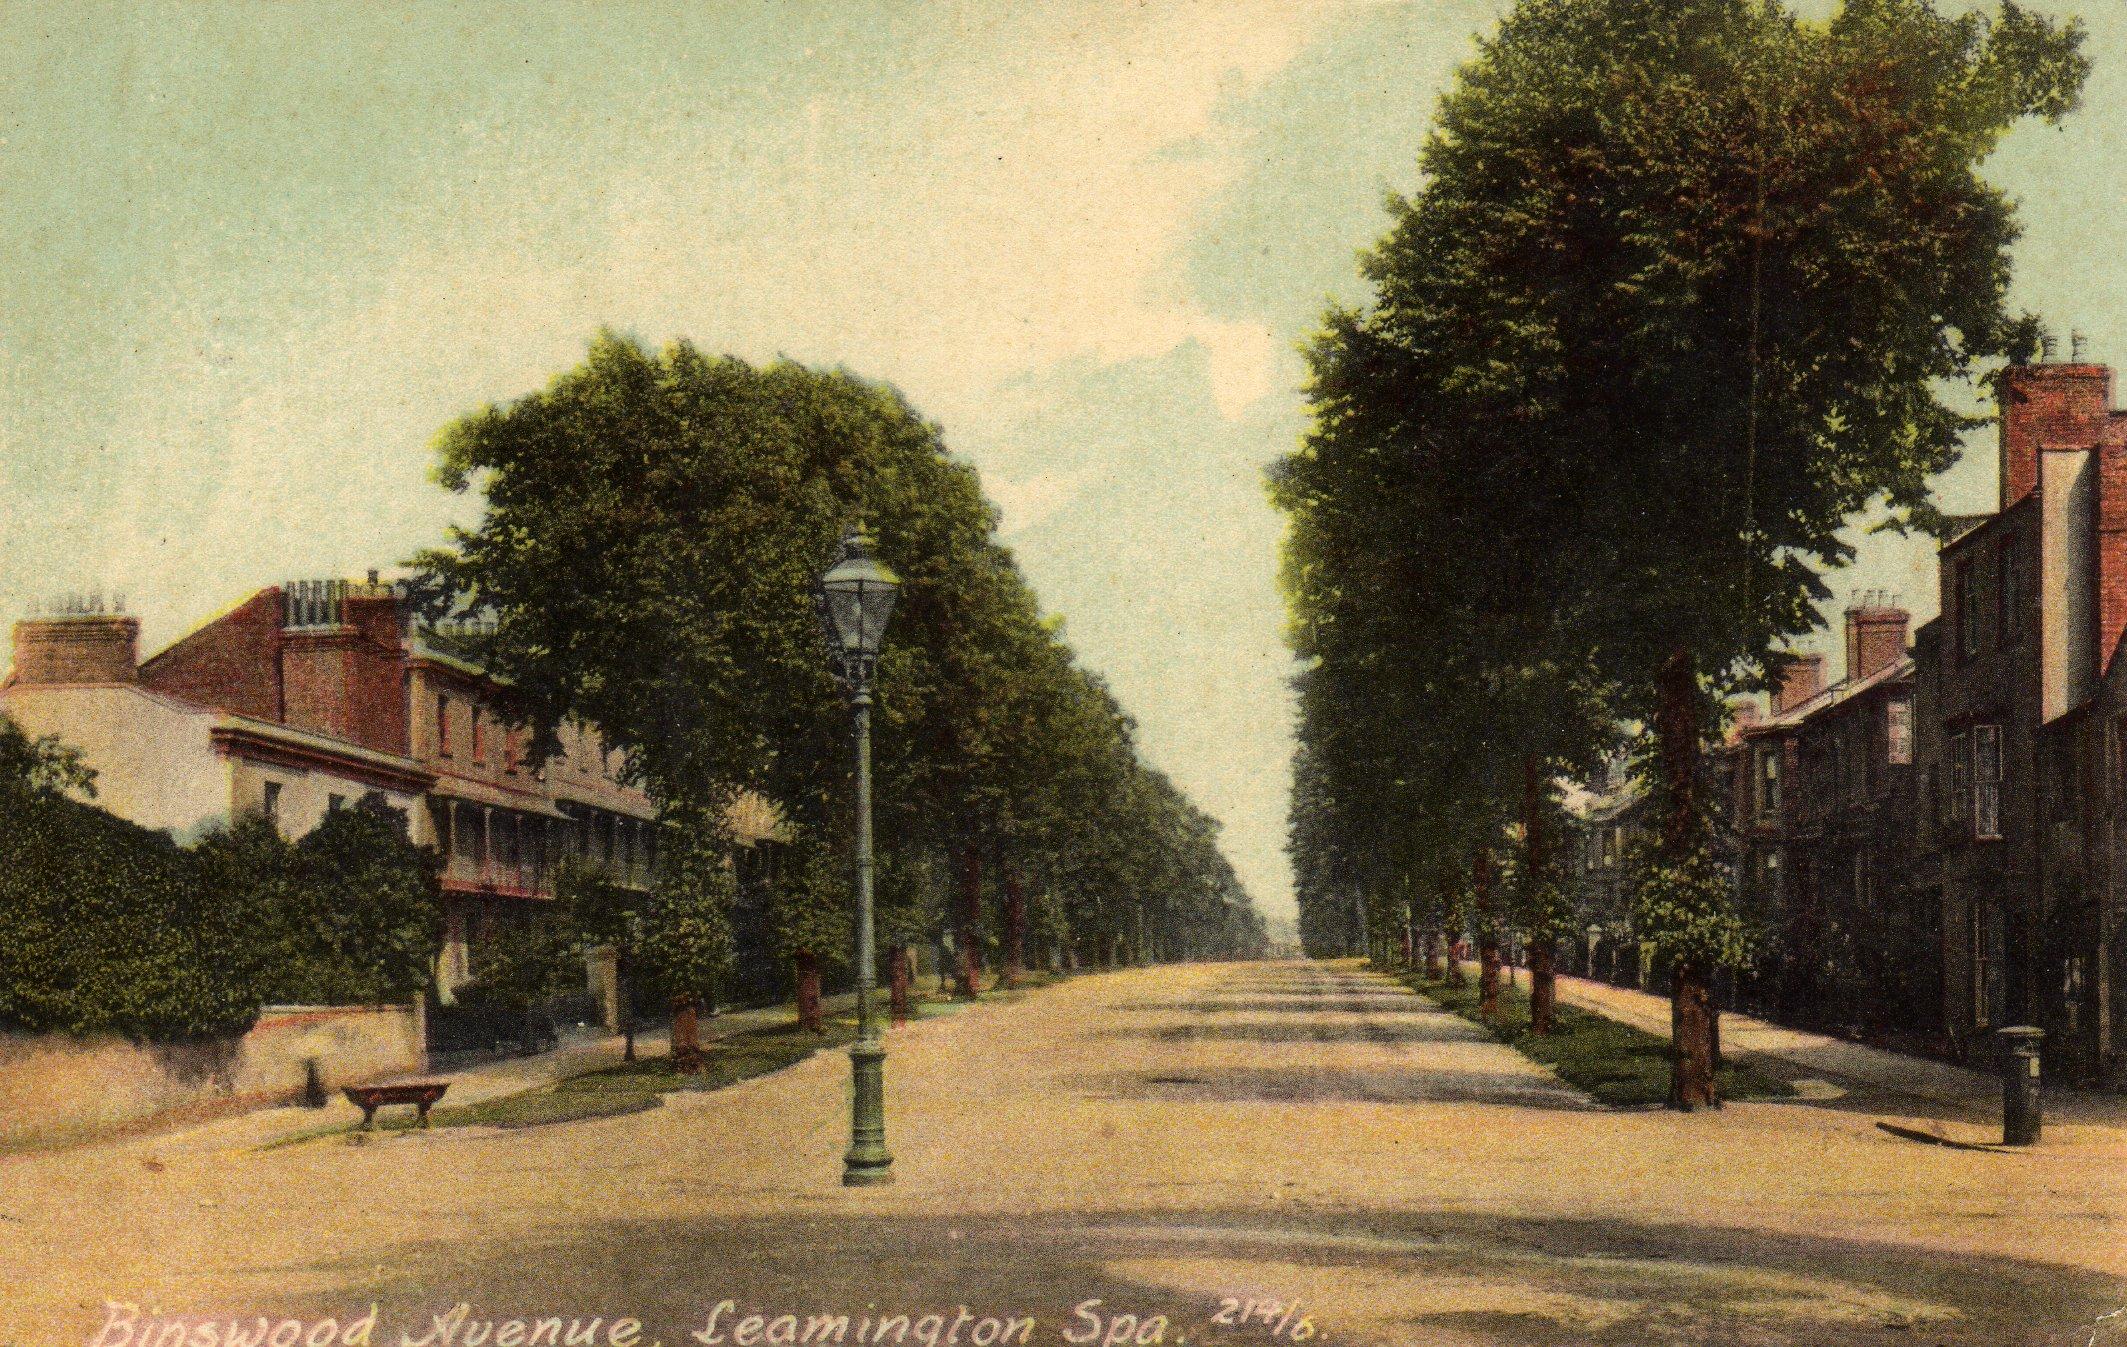 Binswood Avenue